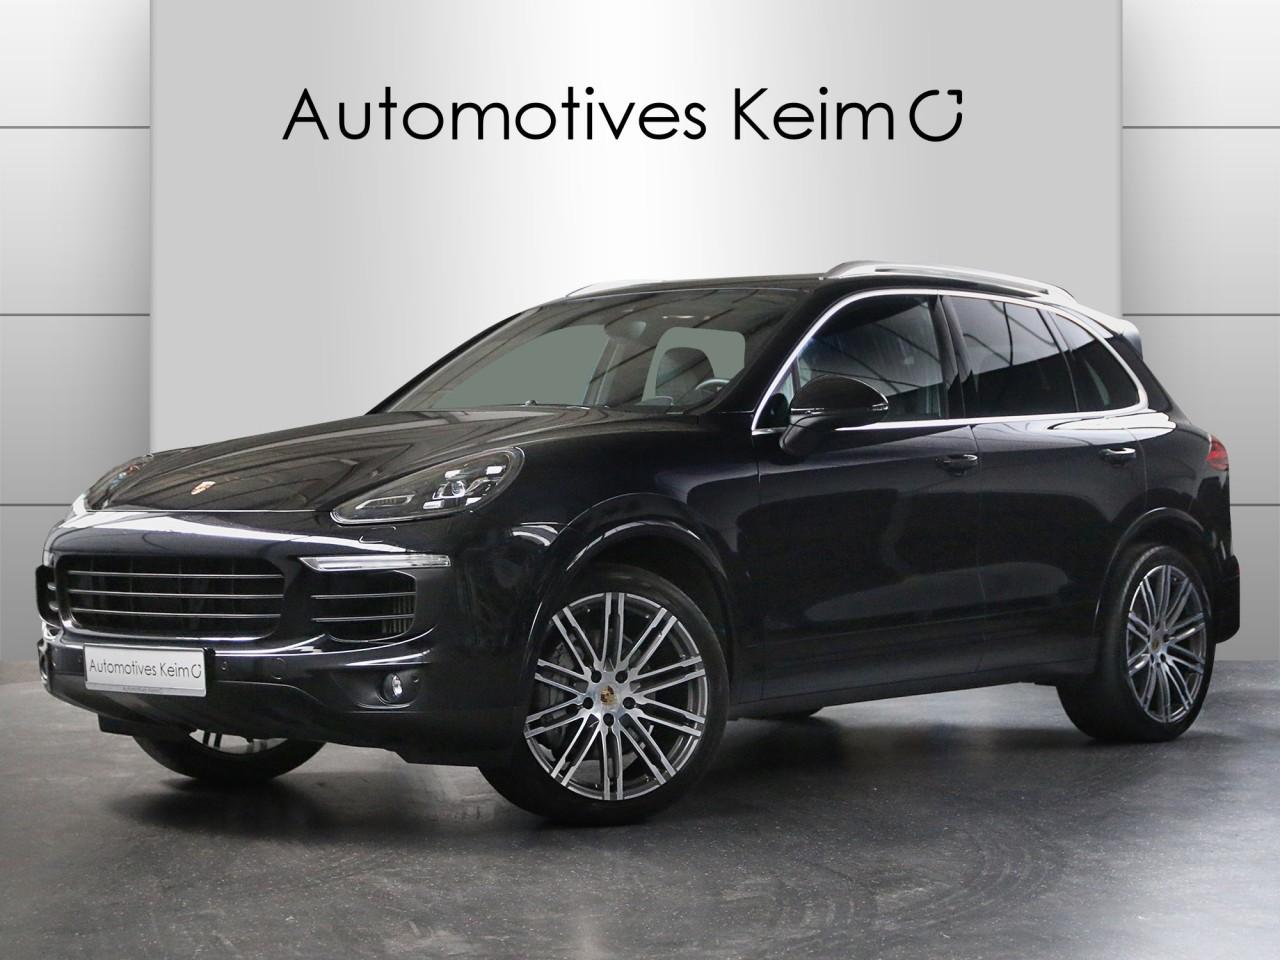 PORSCHE_CAYENNE_Automotives_Keim_GmbH_63500_Seligenstadt_www.automotives-keim.de_oliver_keim_000104